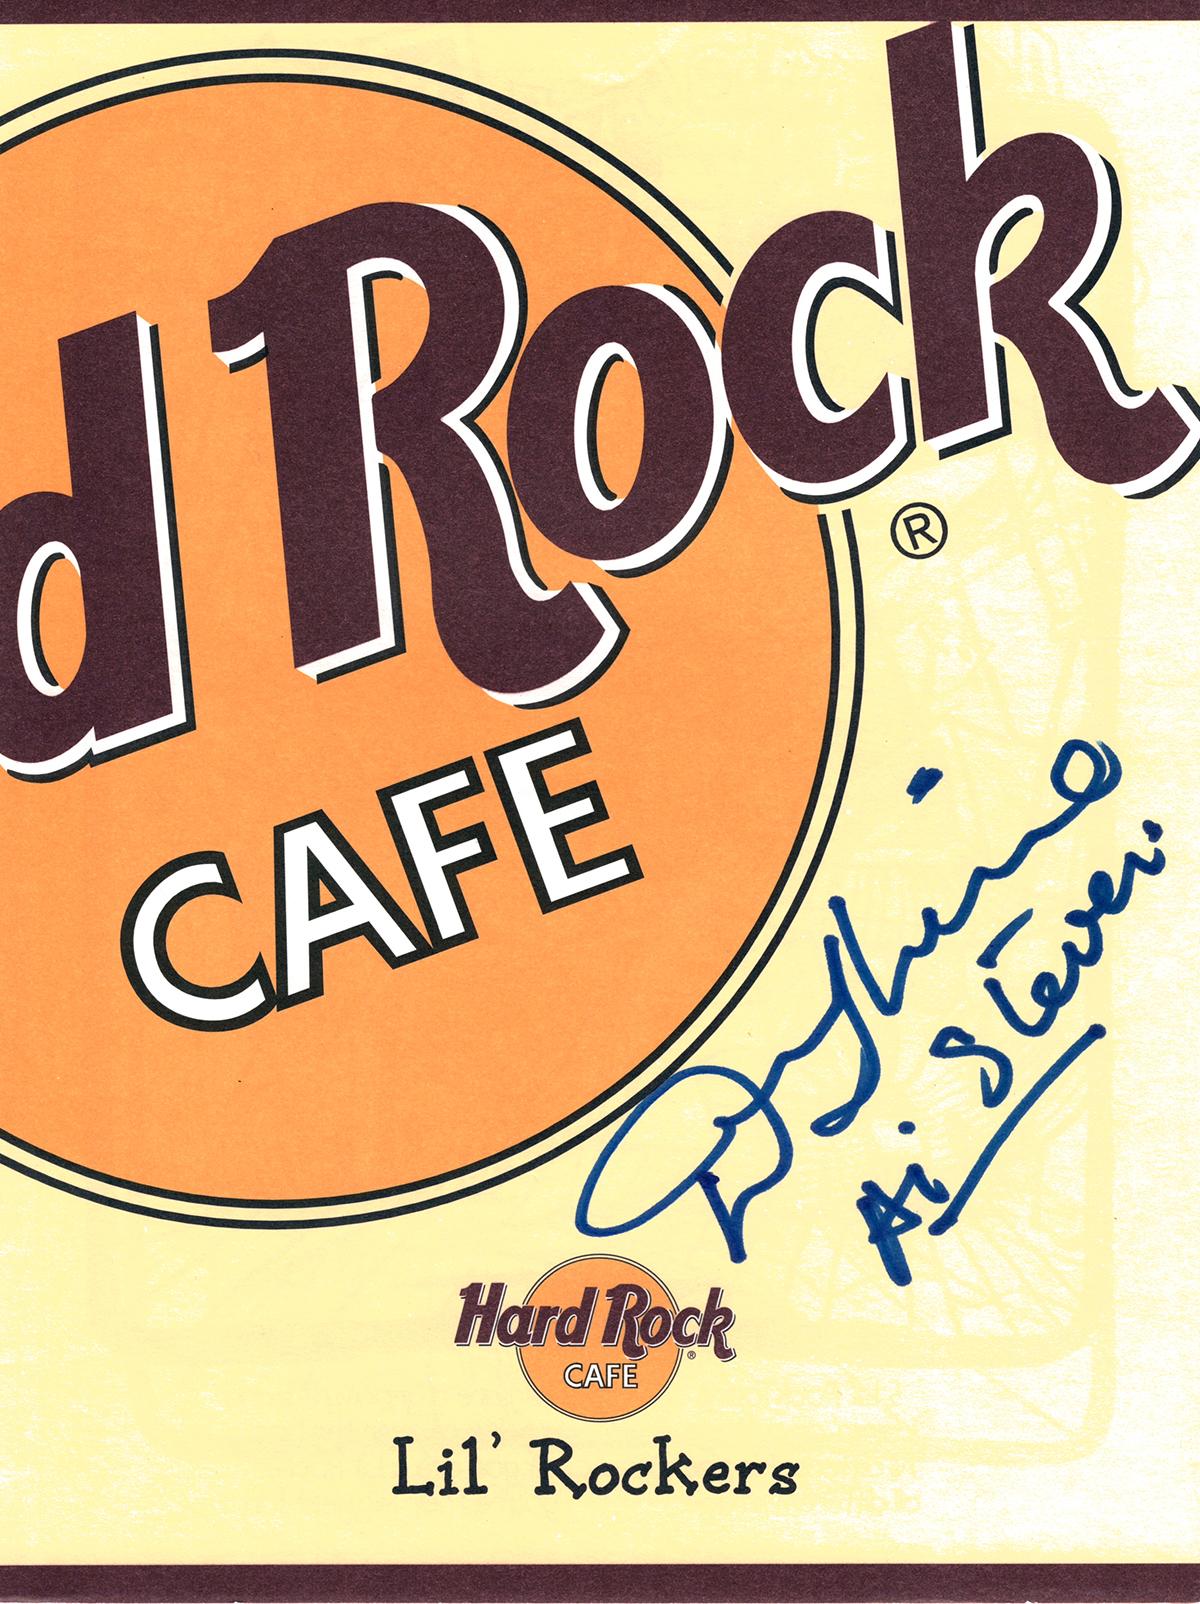 Hard Rock Cafe Menu - Denny Laine